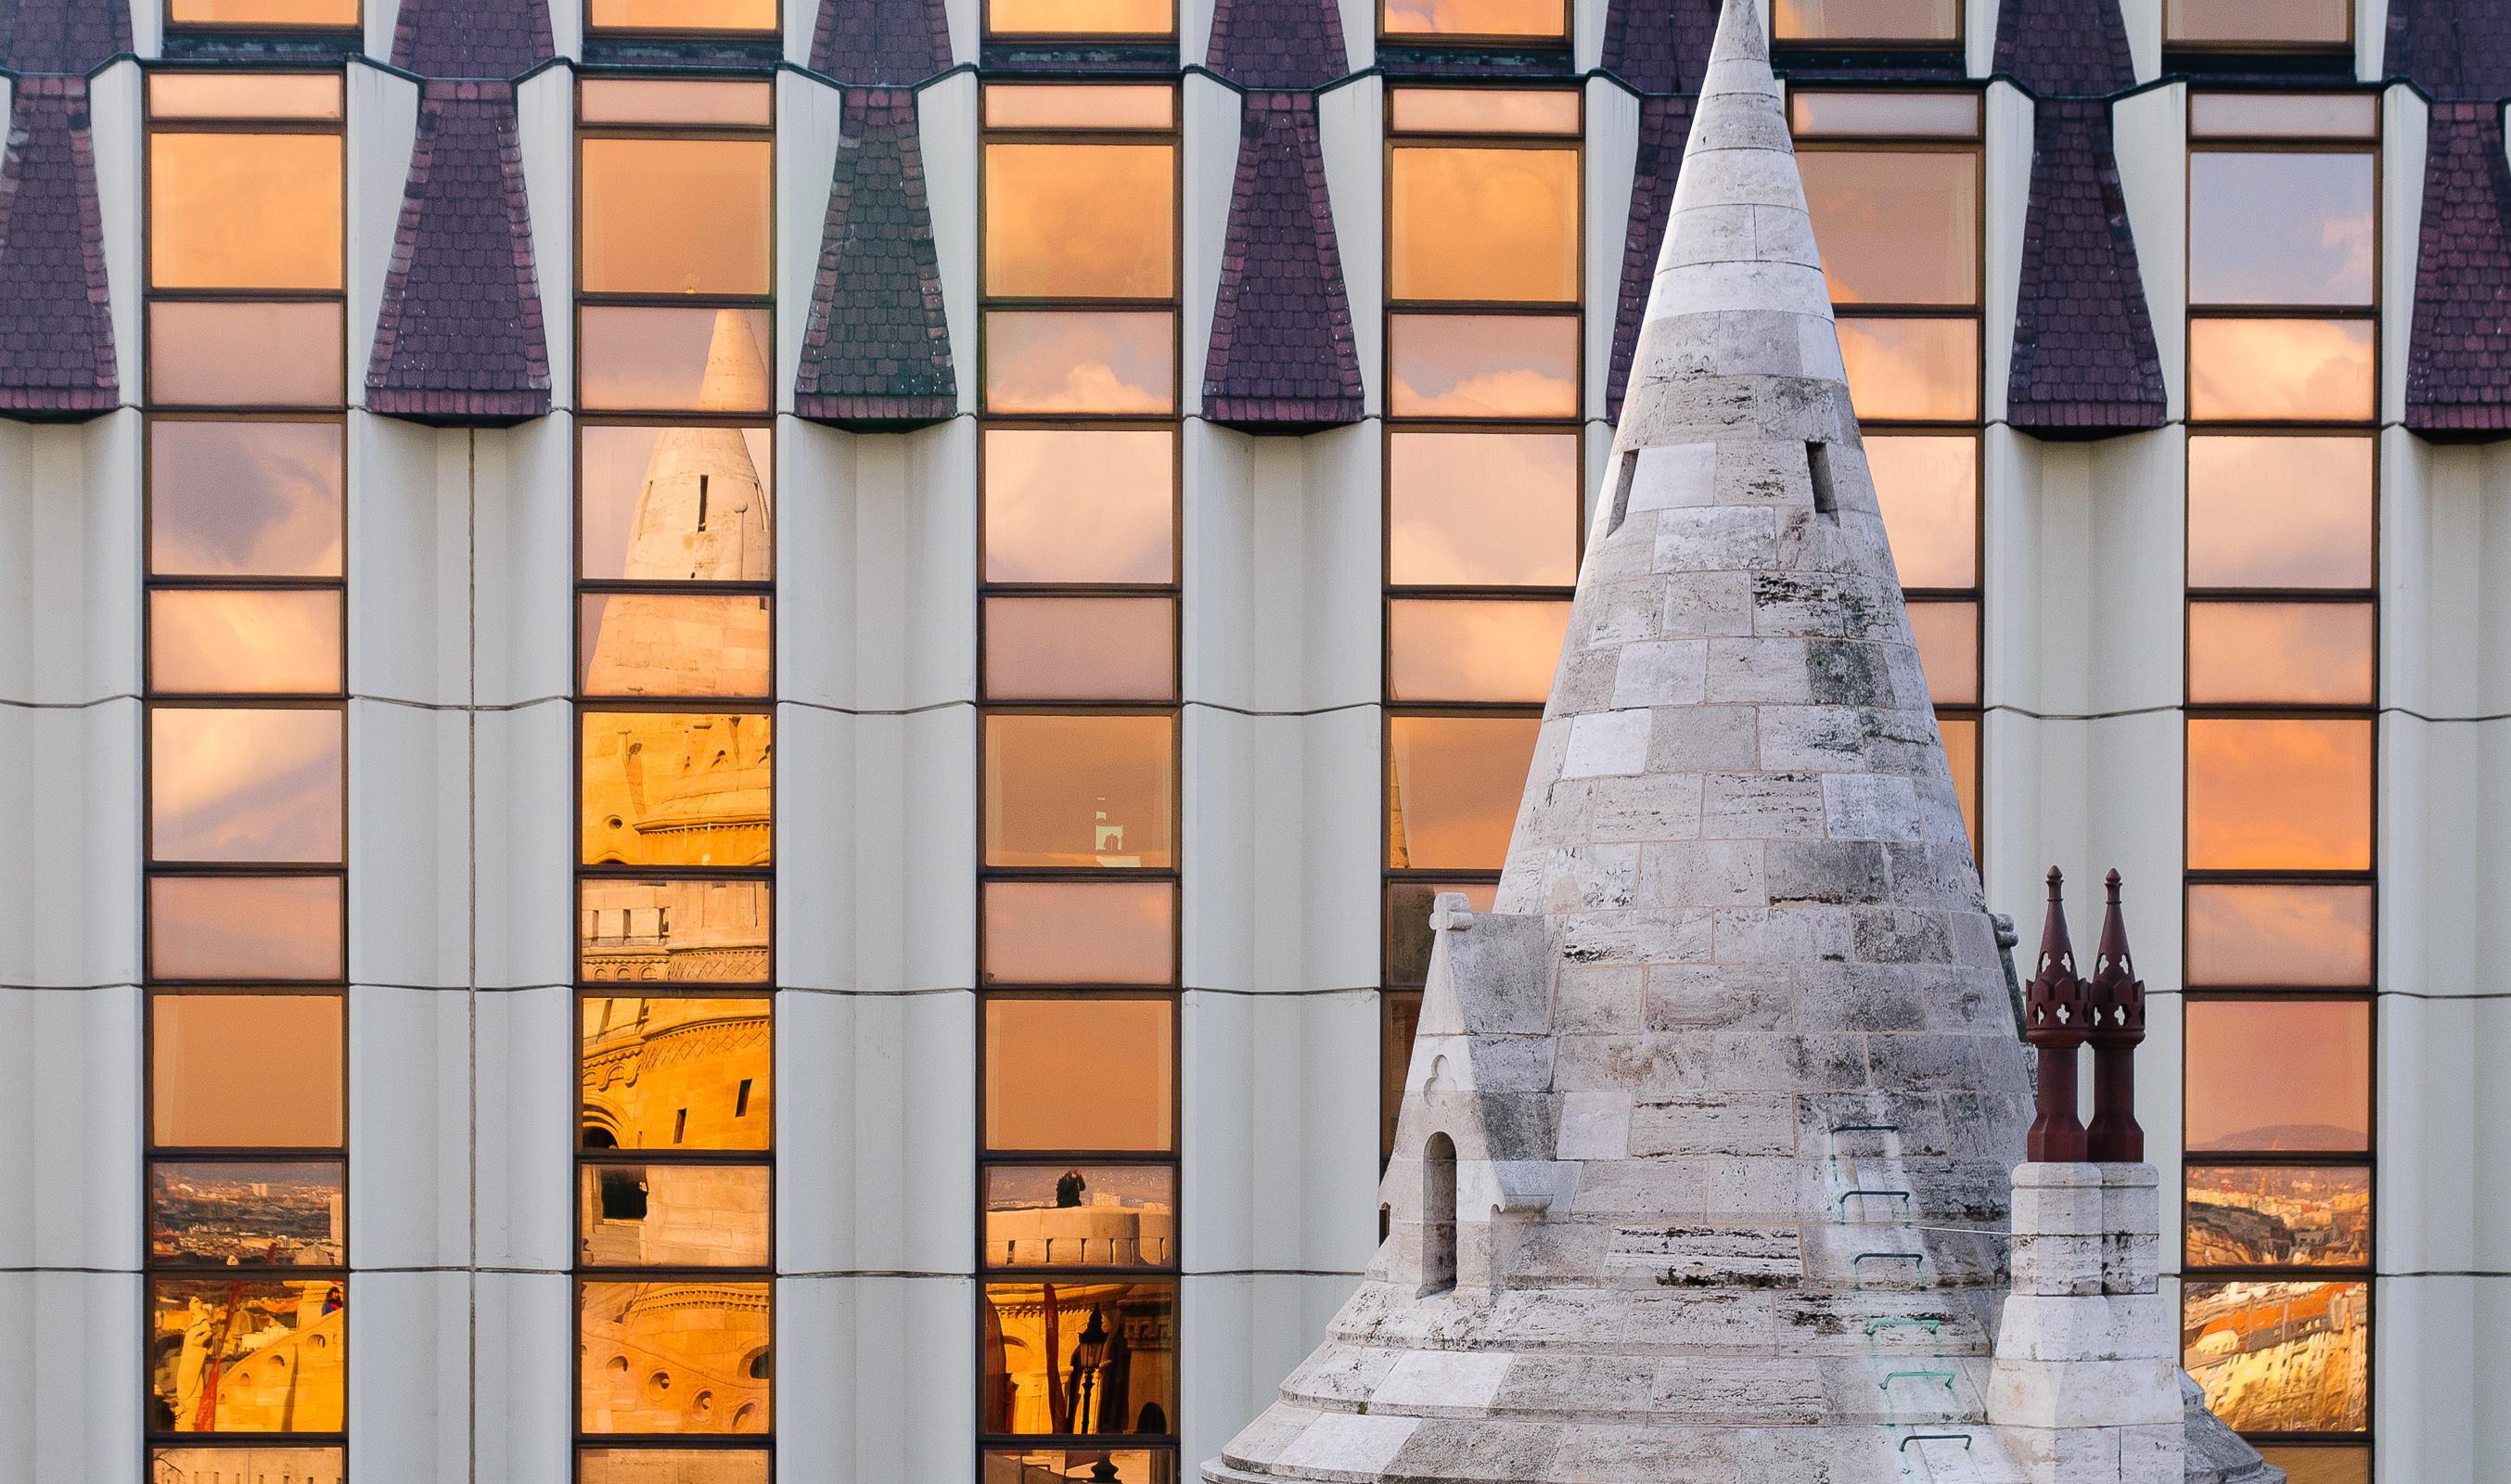 Gratis afbeeldingen : architectuur structuur hout zonsondergang